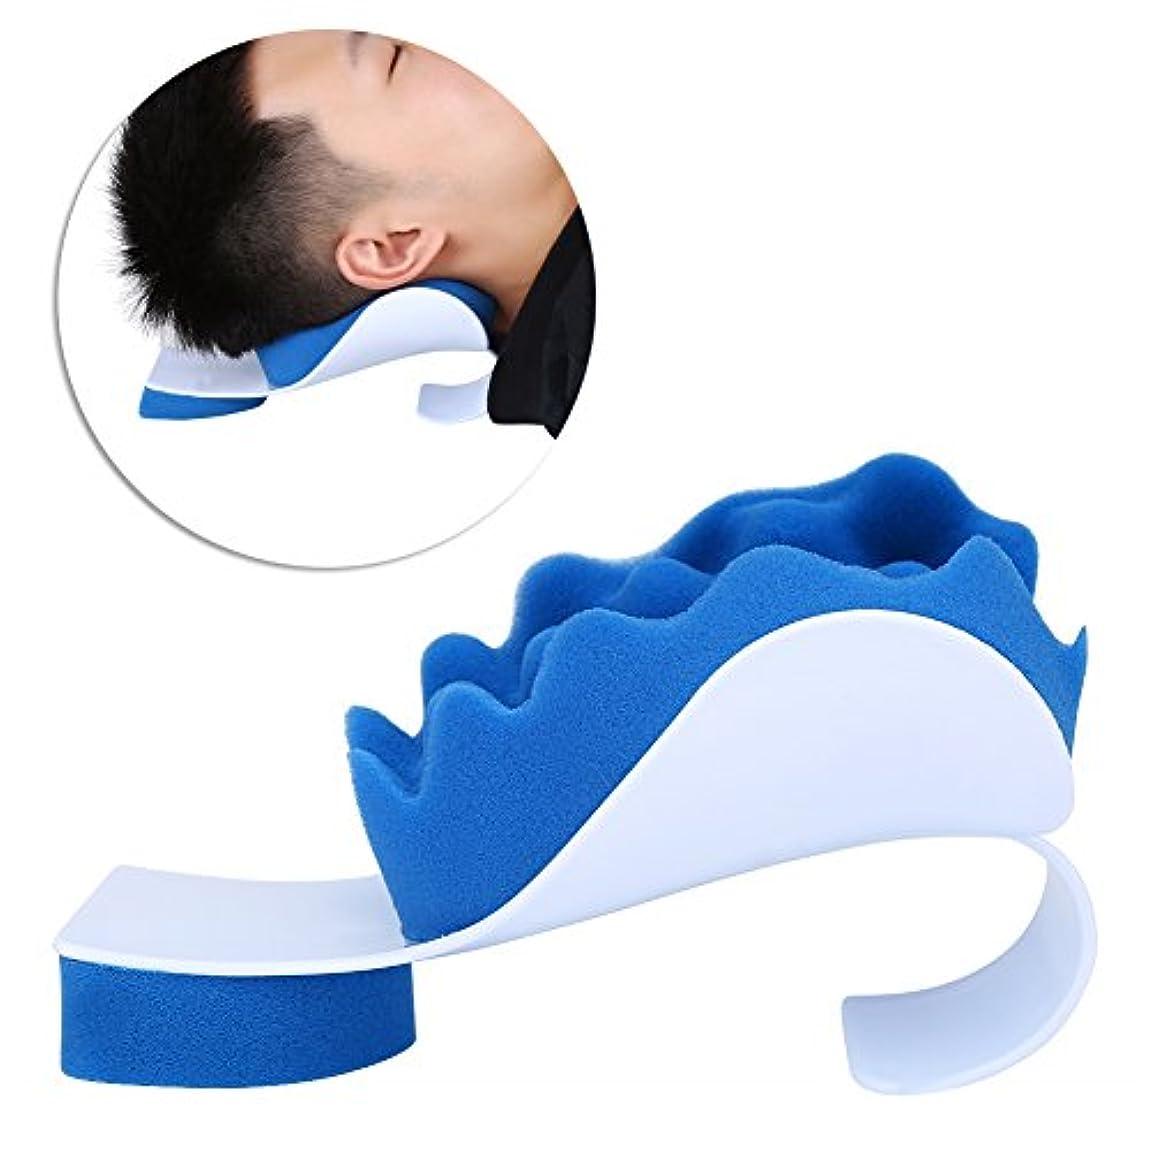 創始者なめらか本物マッサージ枕 首ストレッチャー ネック枕 ツボ押し リラックス ストレス解消 頚椎/首筋矯正 首筋押圧 肩こり 首こり 改善